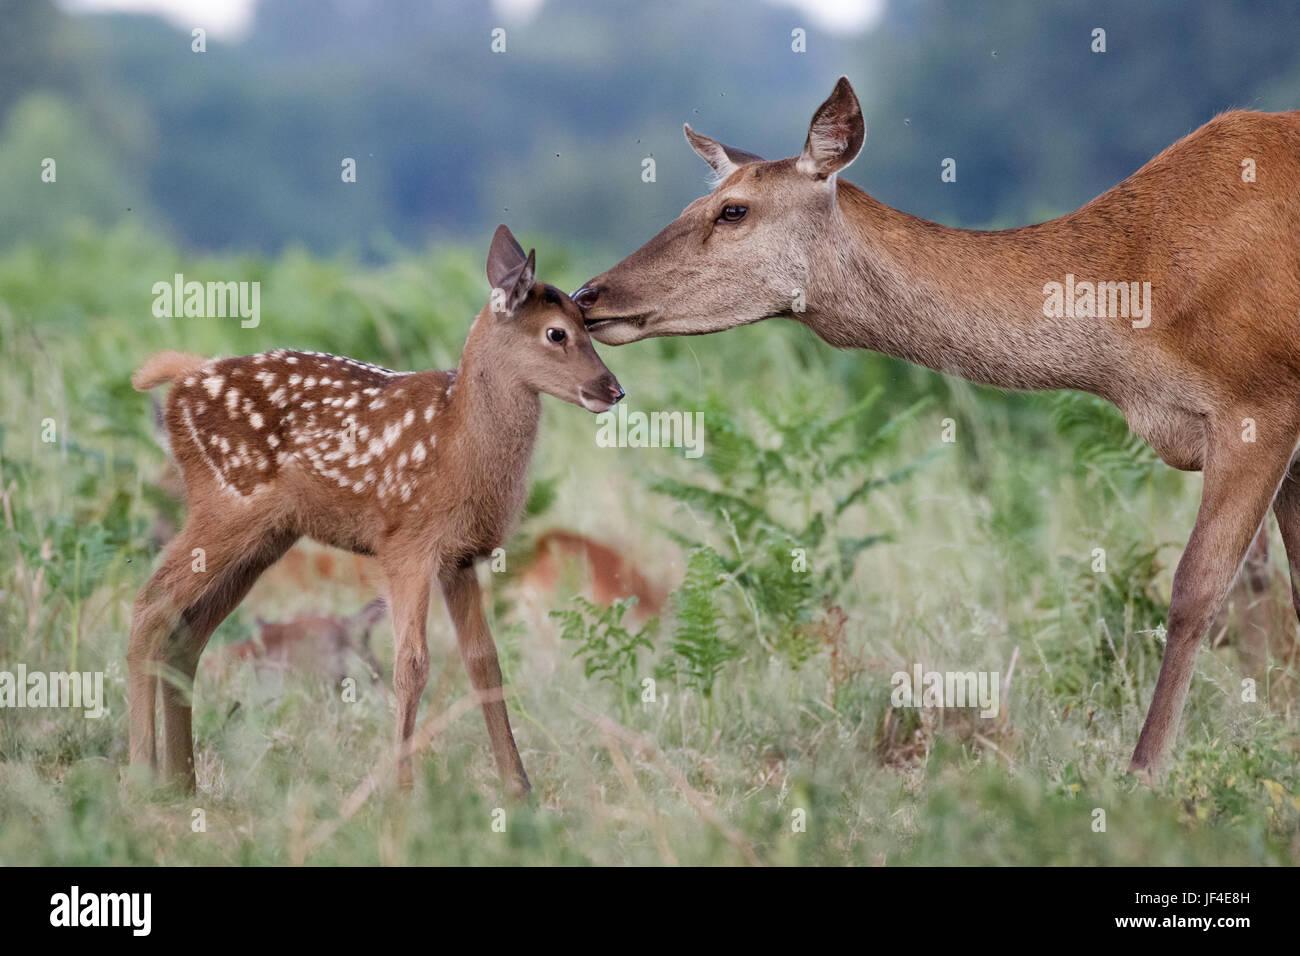 Red Deer (Cervus elaphus) femmes hind Mère et jeune bébé d'avoir un veau tendre moment collage Photo Stock